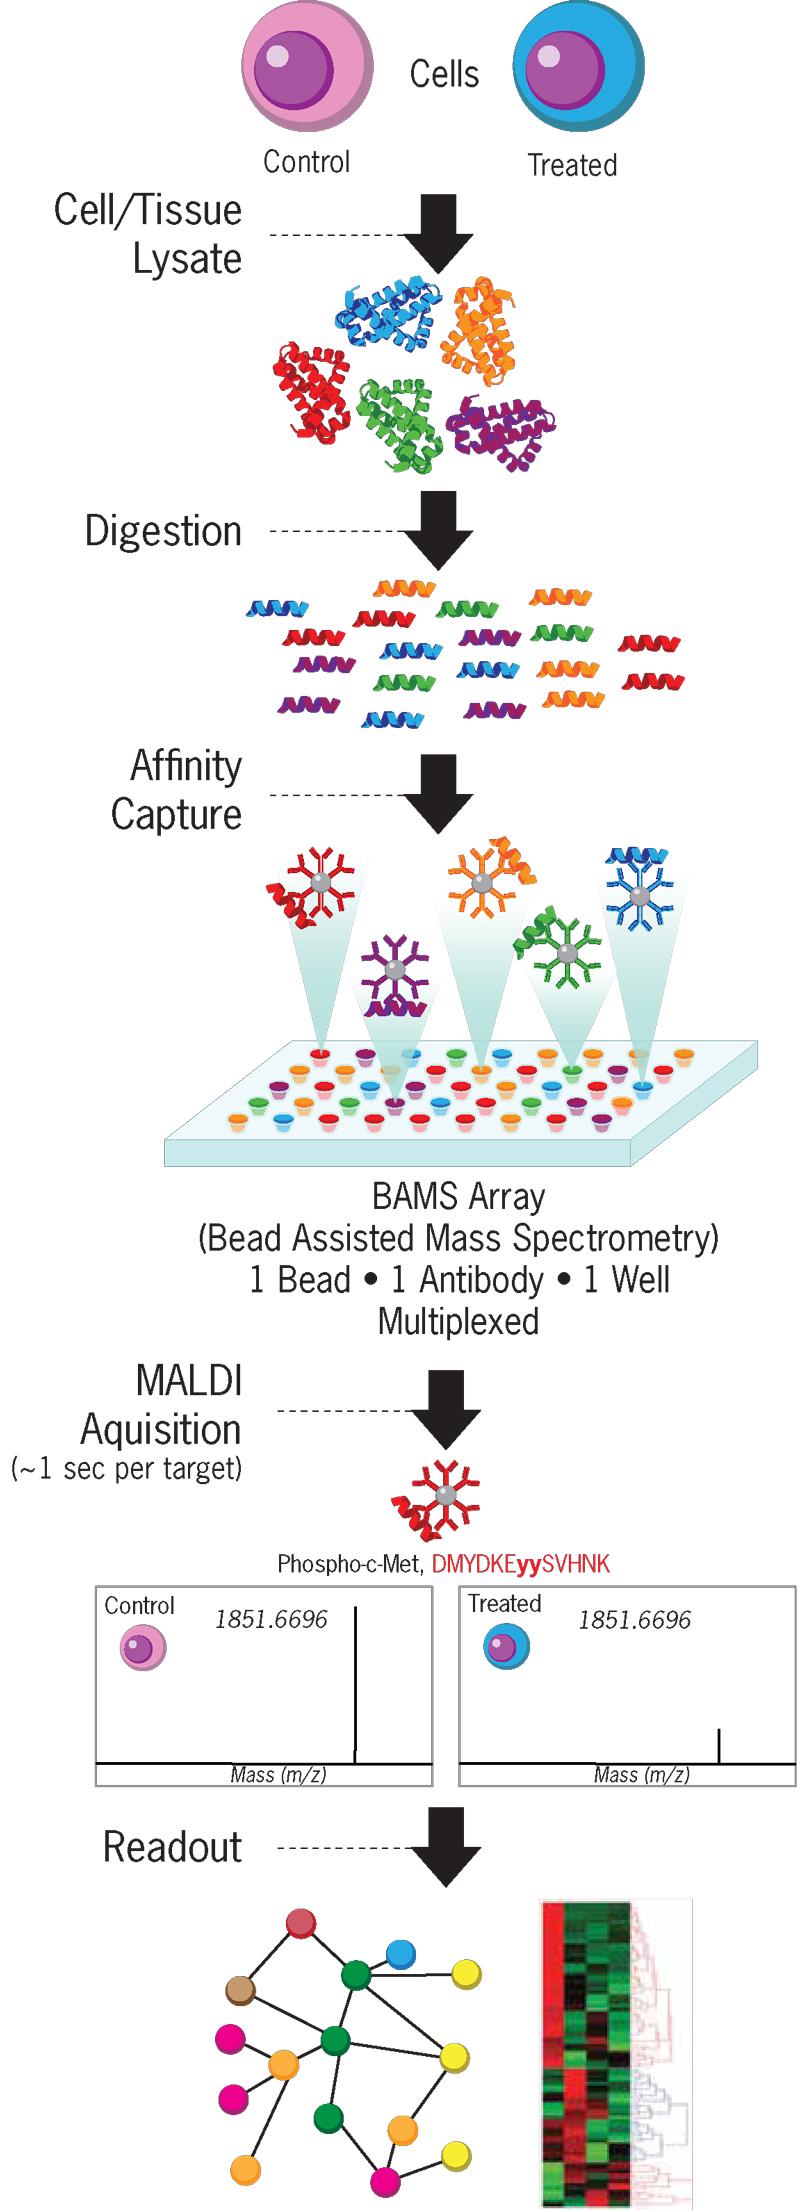 BAMS Workflow